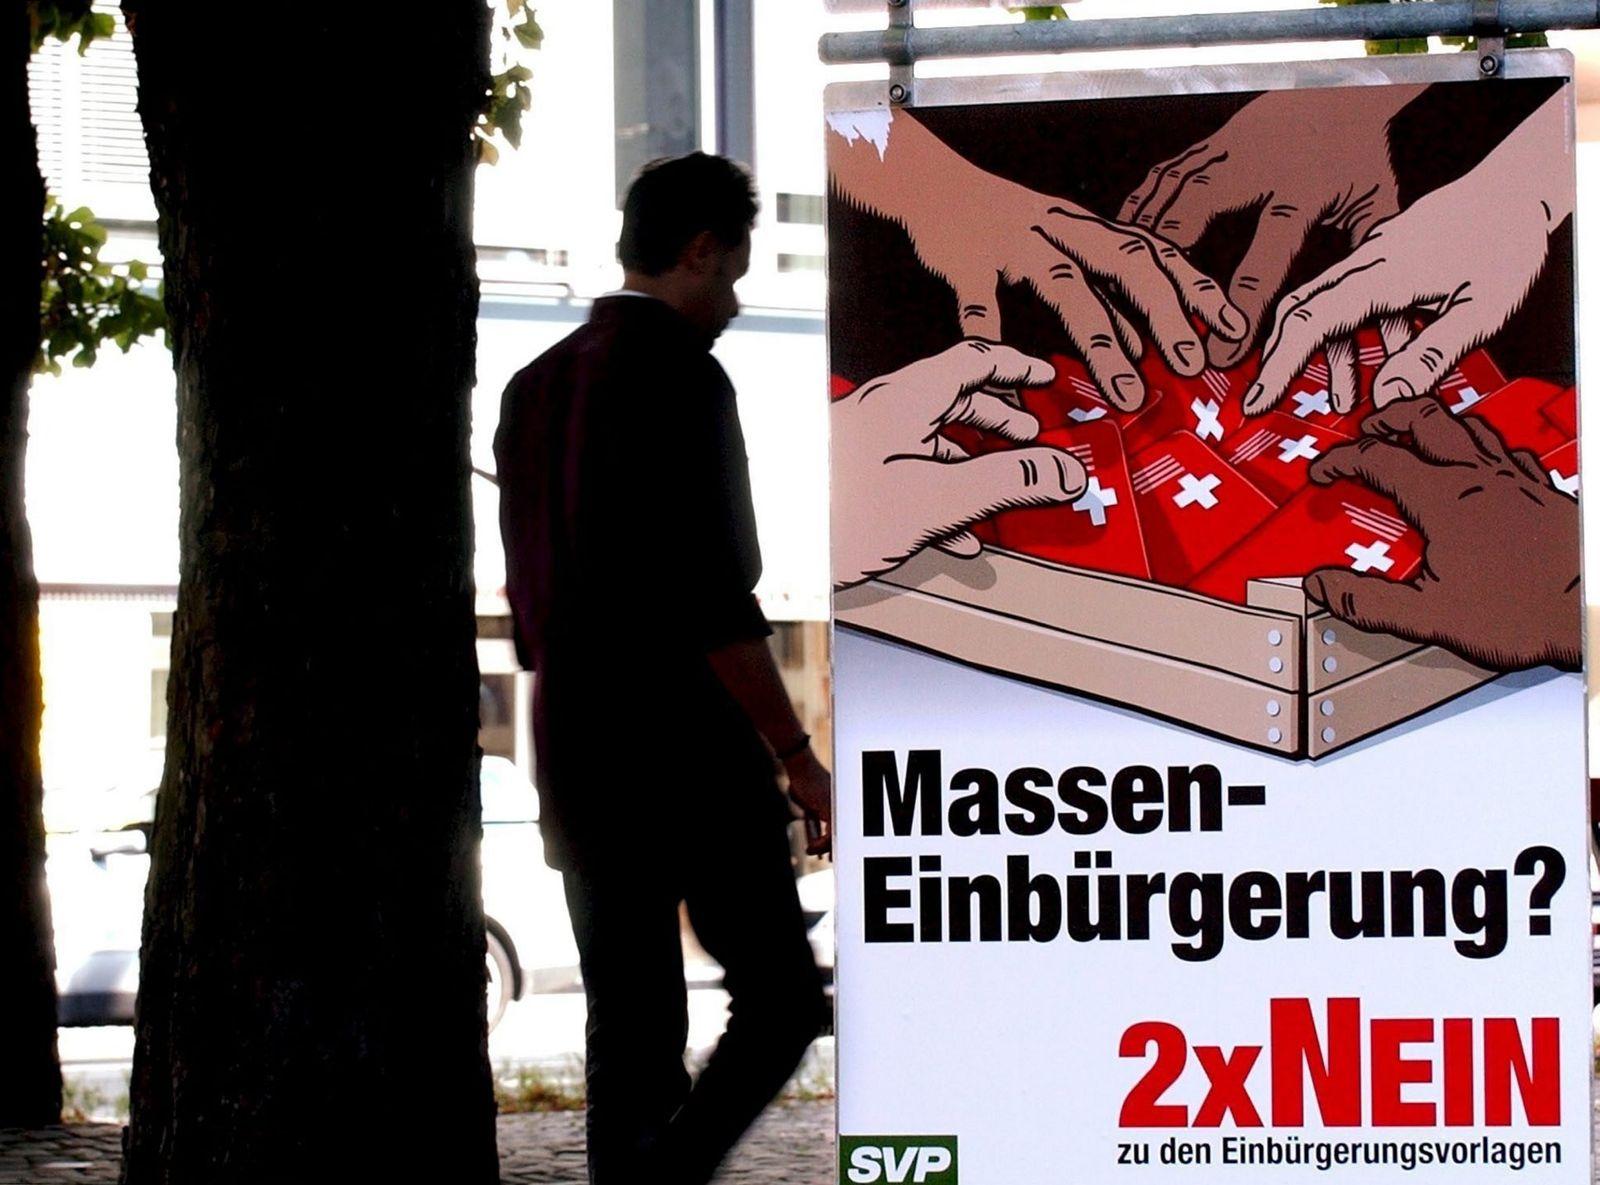 SVP / Plakat / Masseneinbürgerung / Zuwanderung